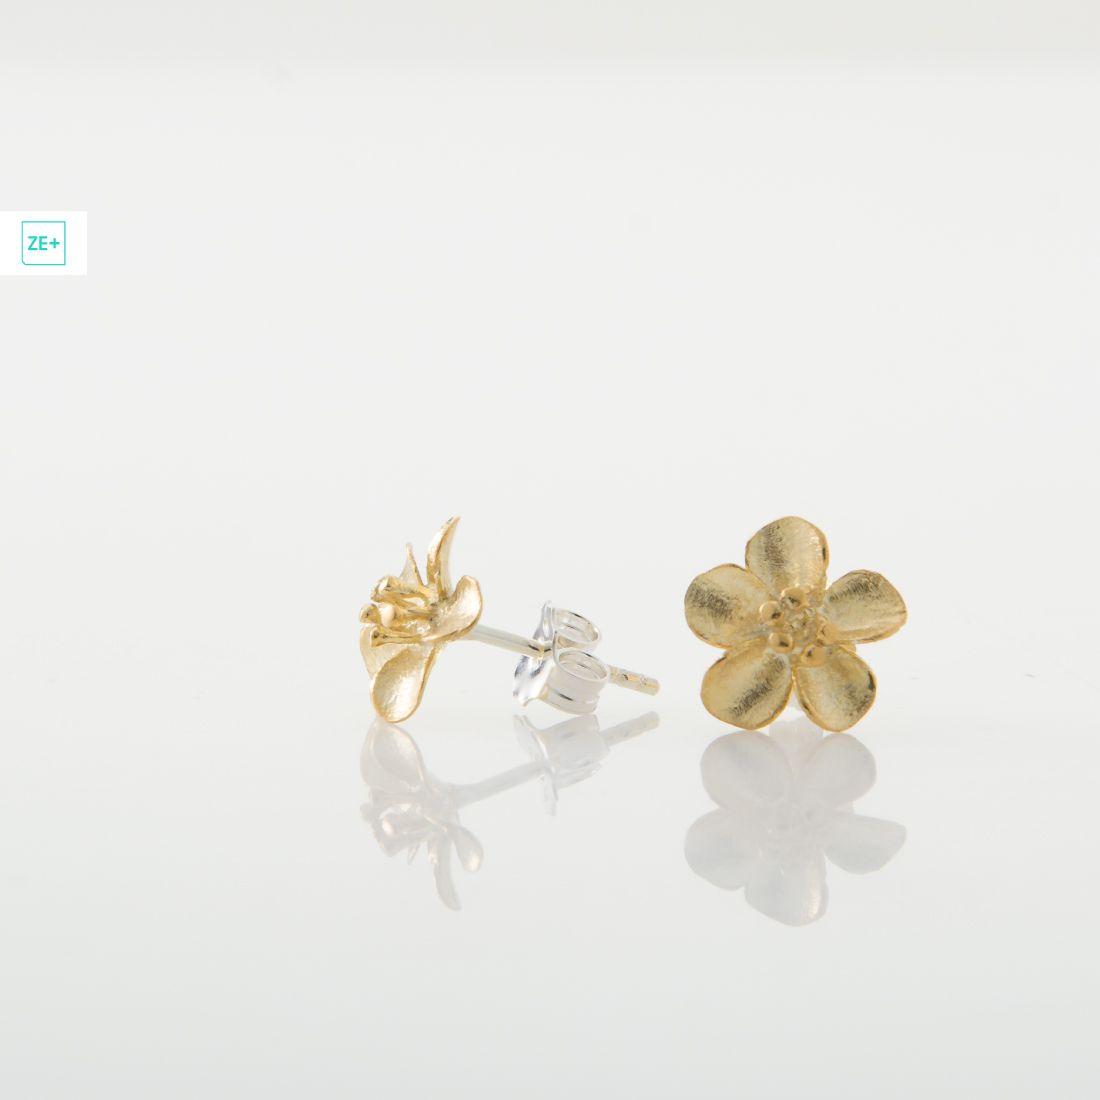 Aranyvirágos Pilisi len ezüst fülbevaló